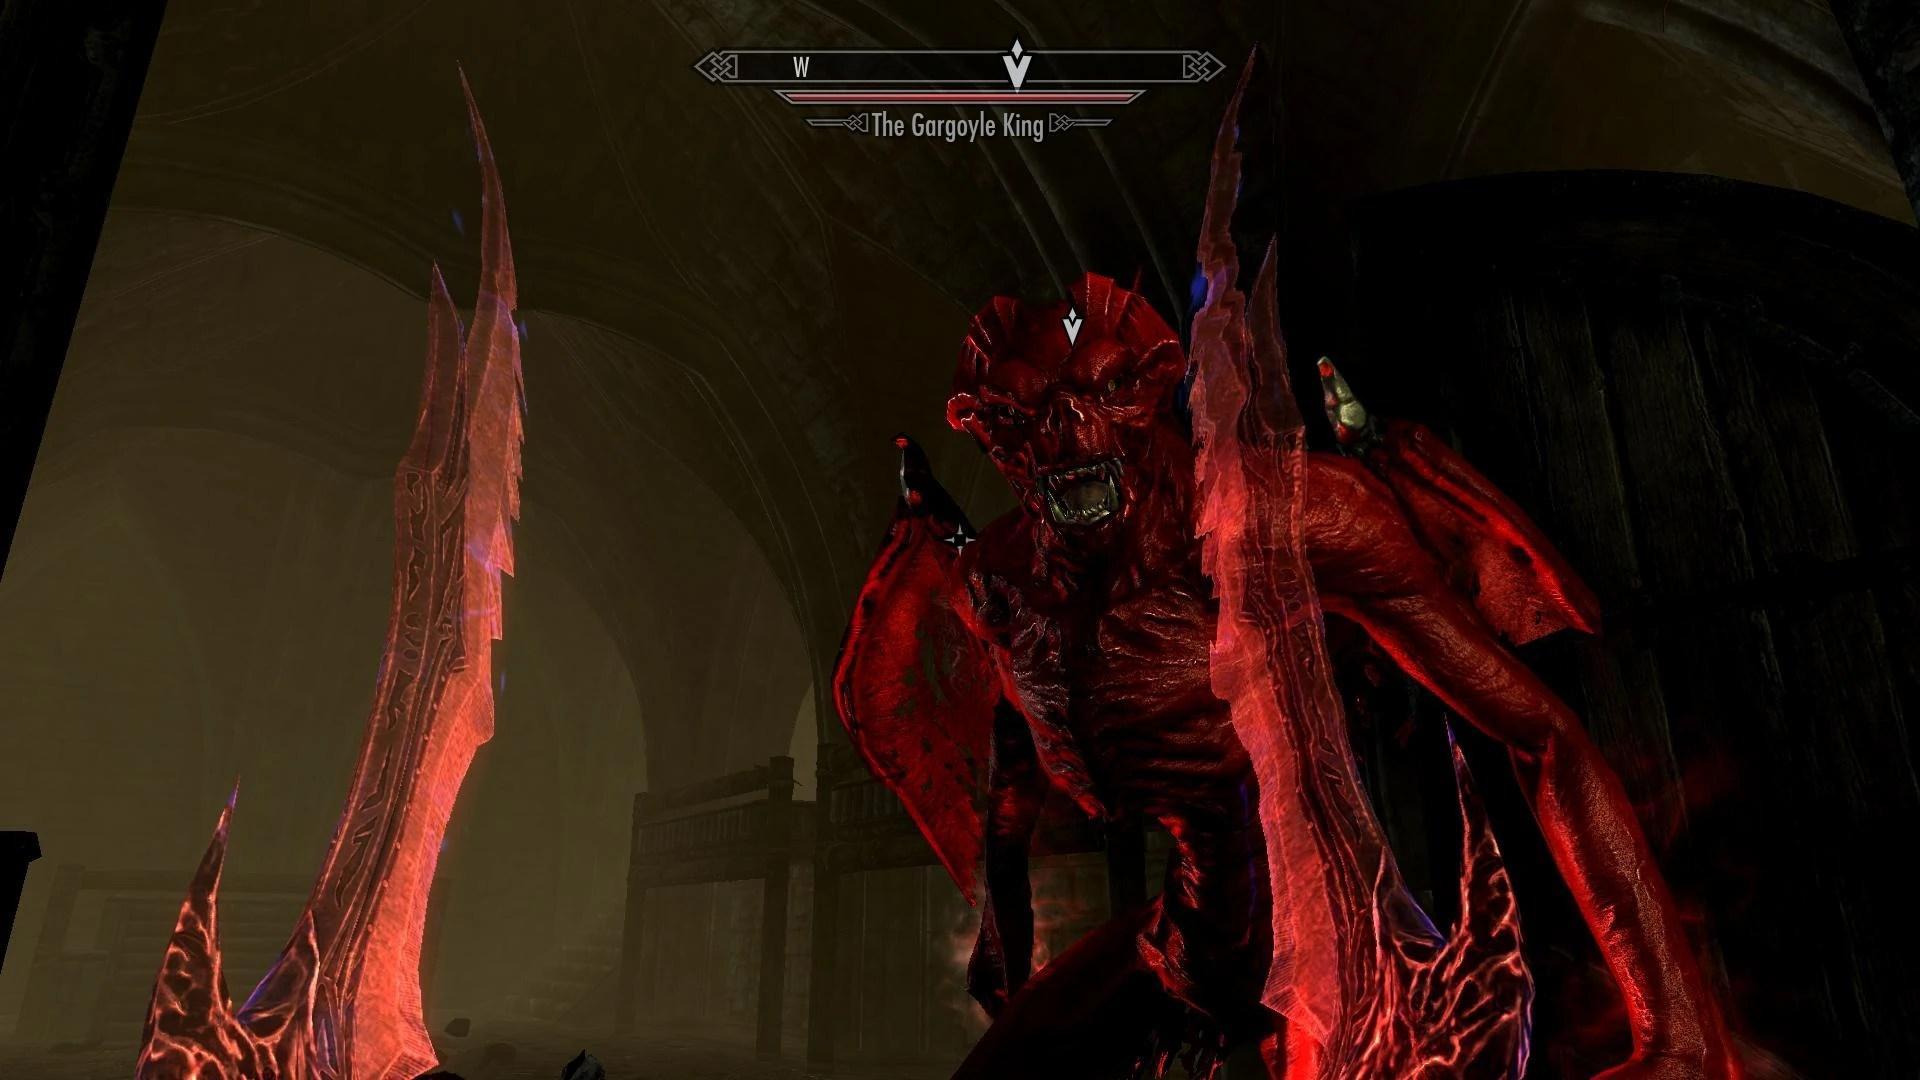 Ghost House Wallpaper Hd 3d The Gargoyle King The Elder Scrolls Mods Wiki Fandom